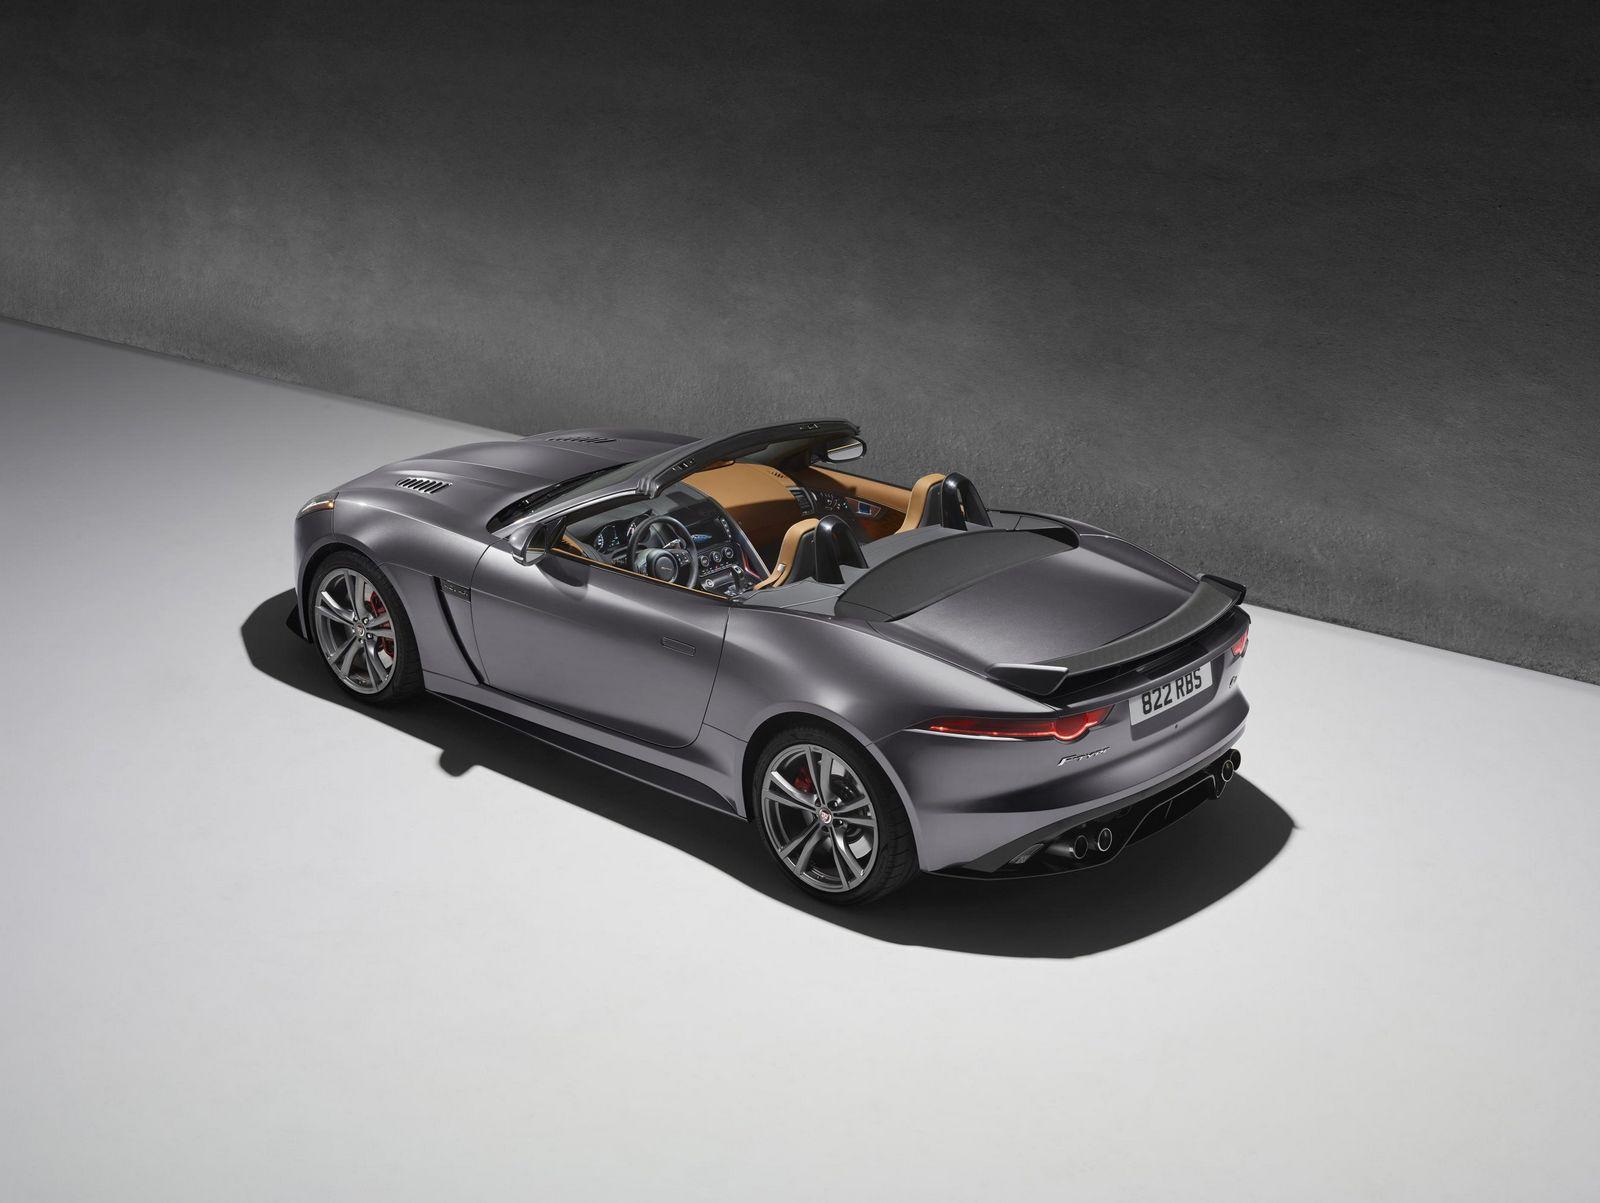 Jaguar F-Type SVR Seite Heck Kabrio Felgen Spoiler Innenraum